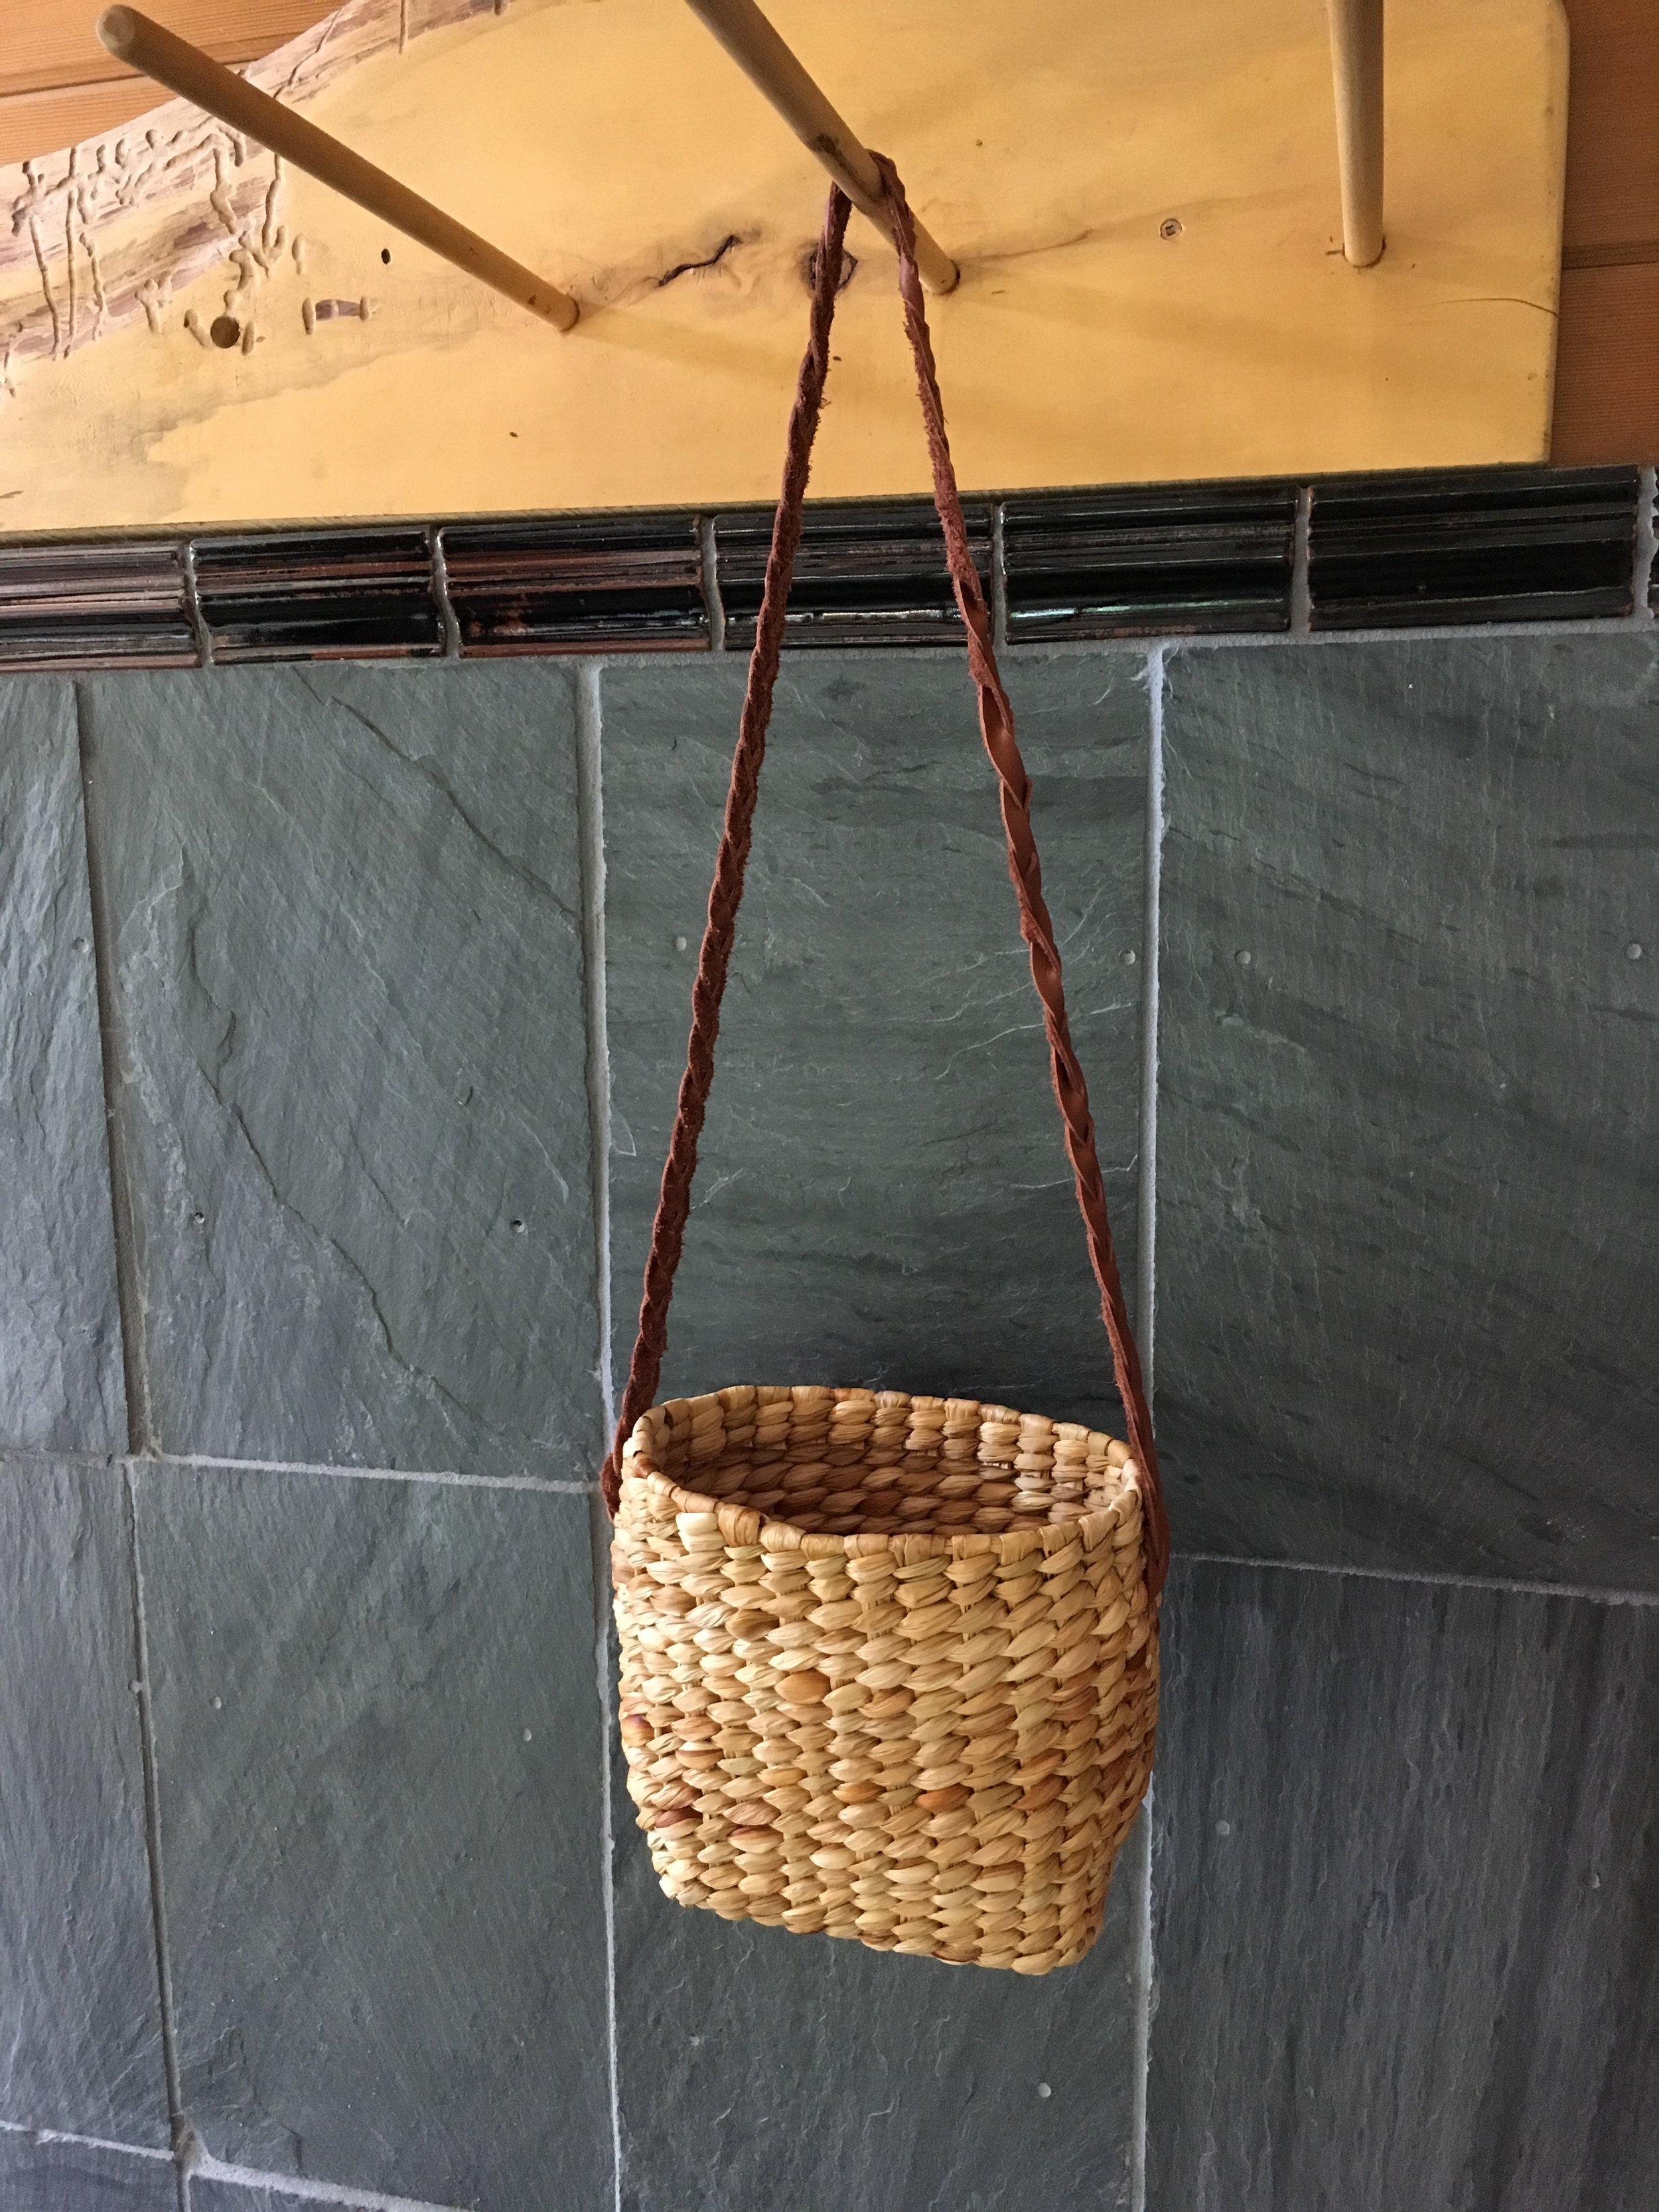 Tule Rush Hand Bag